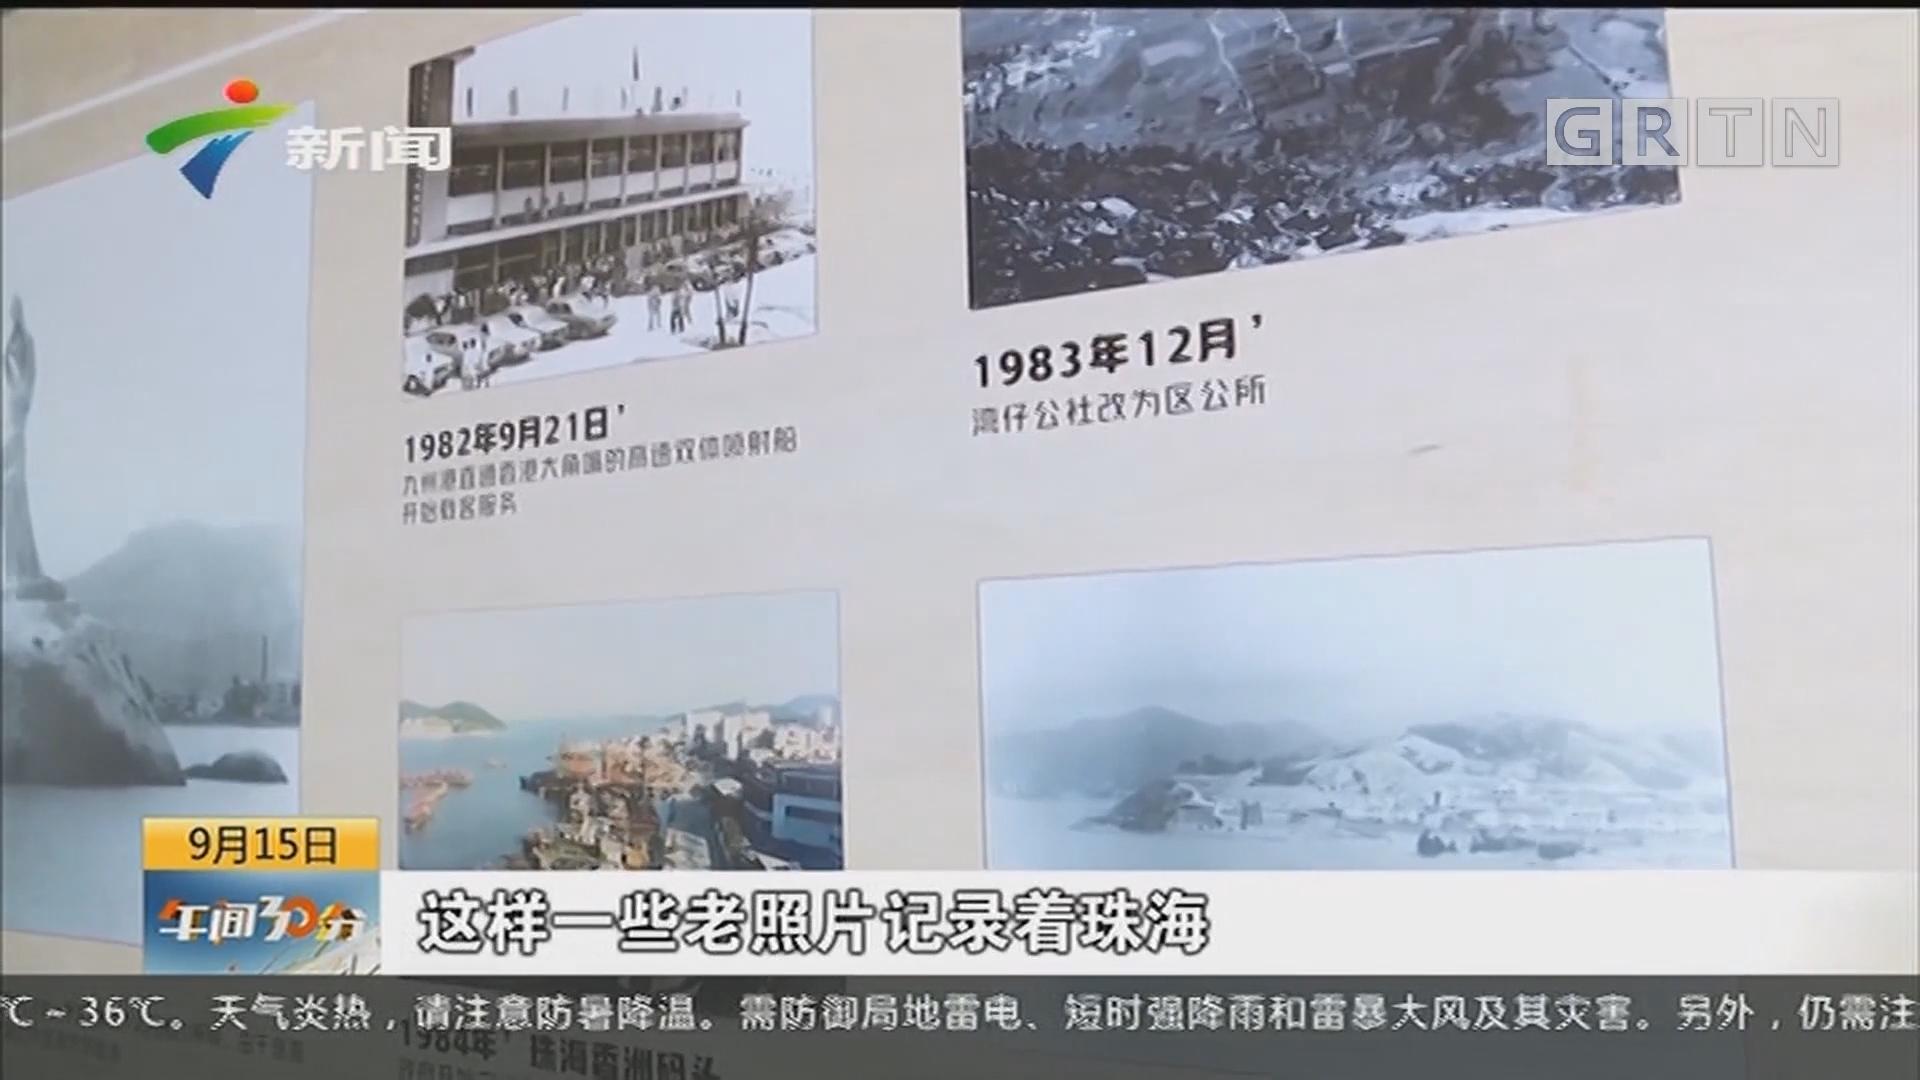 珠海:城市记忆展启幕 市民感受发展变迁